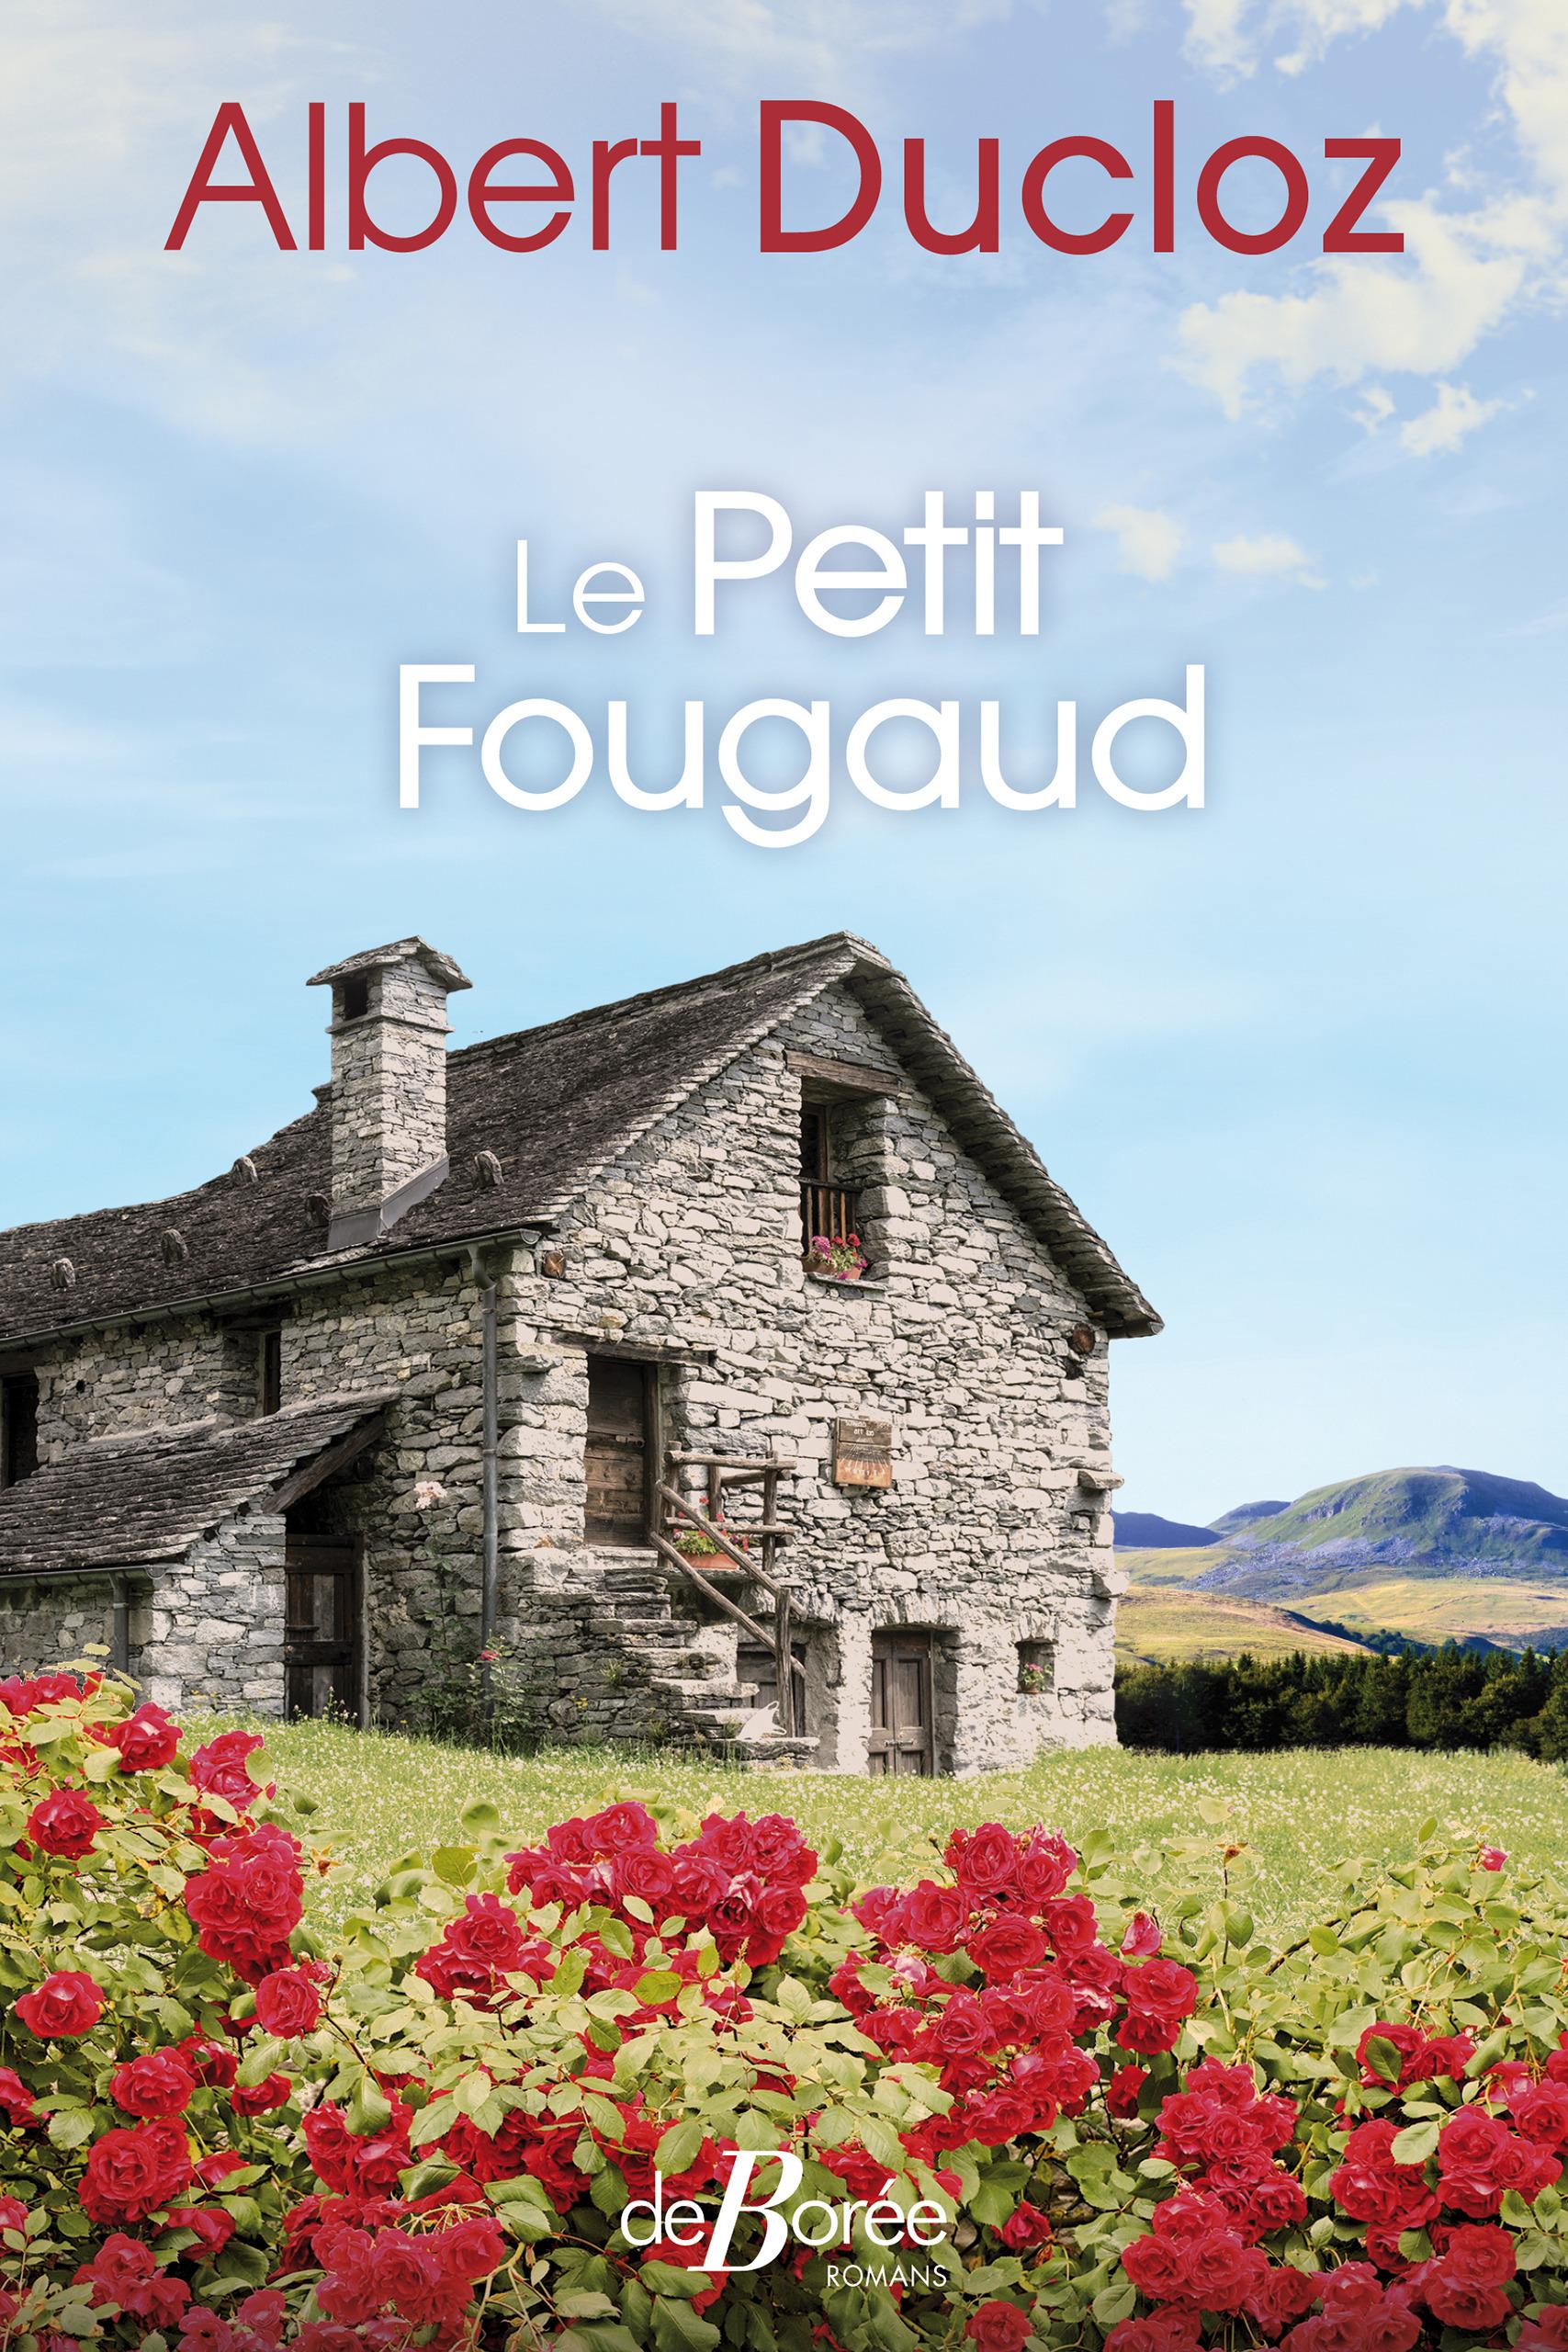 Le Petit Fougaud